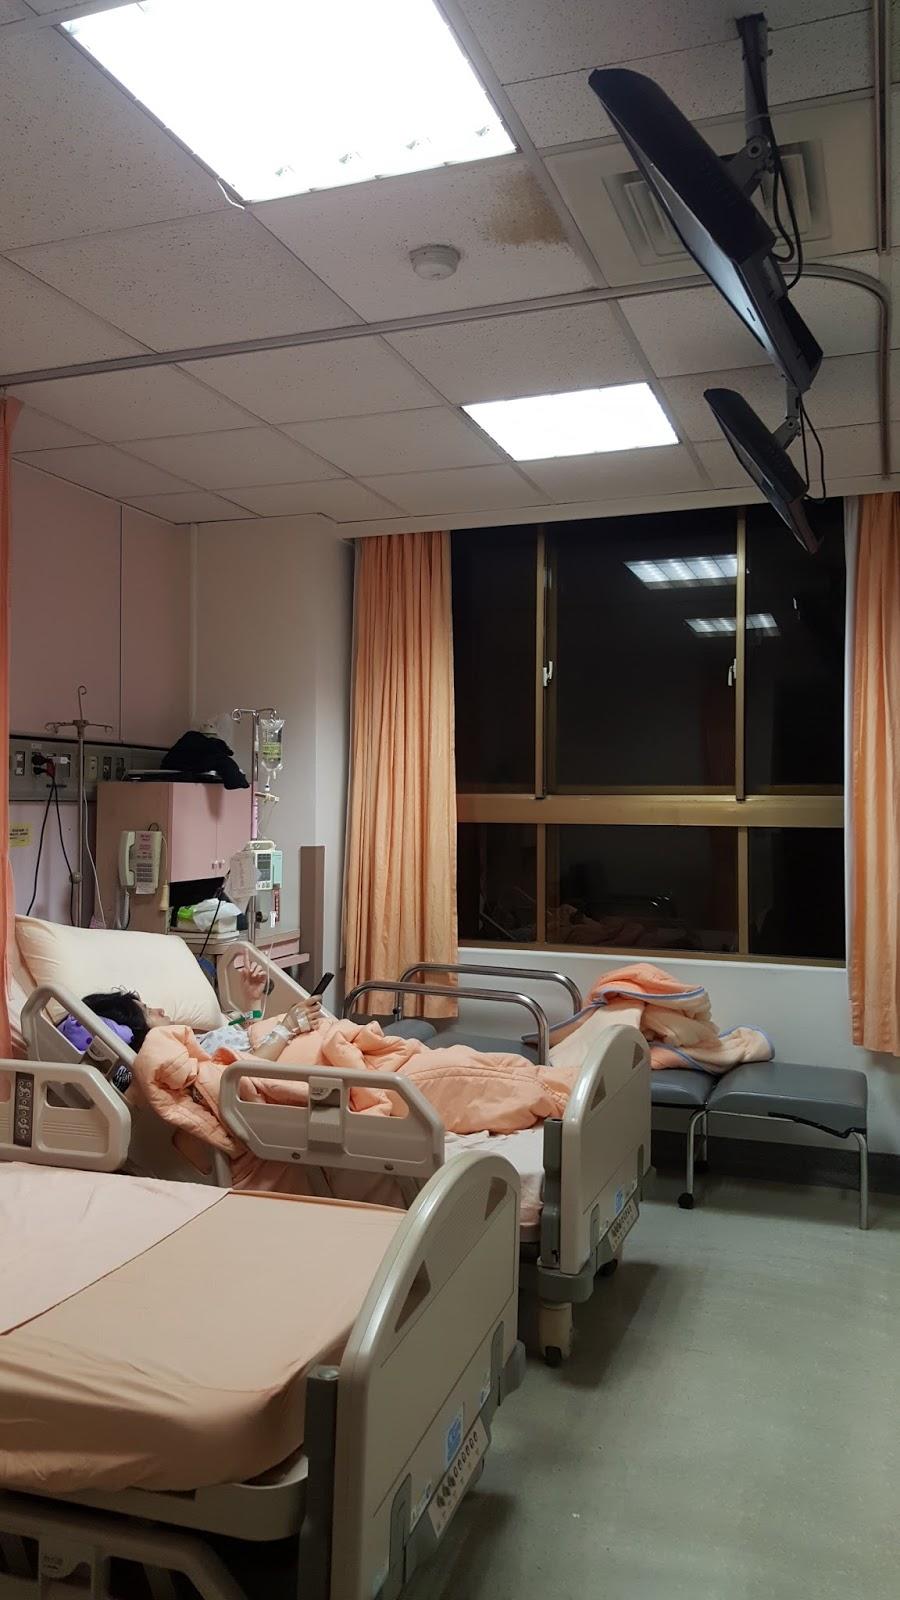 豪華雙雞寶: (23週) 安胎! 住院11天的診療經驗(下)